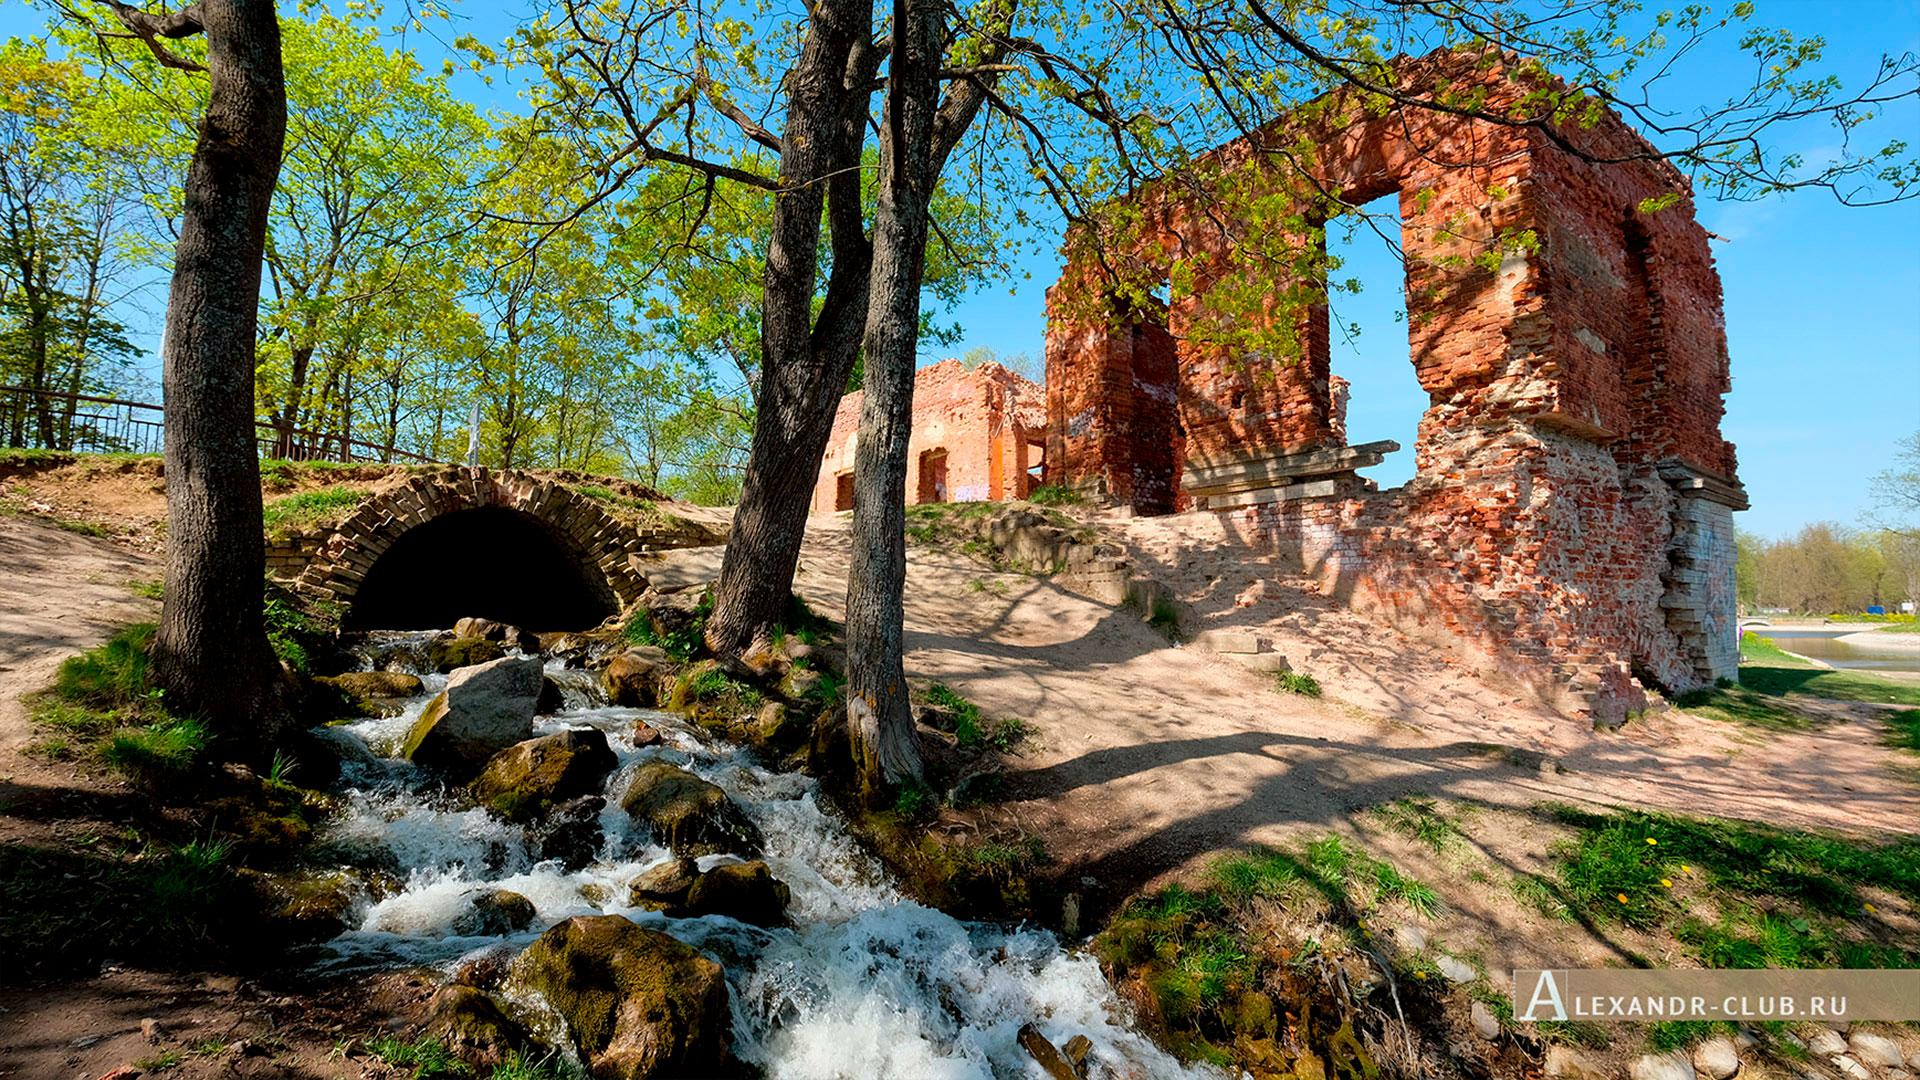 Петергоф, Луговой парк, весна, Розовый павильон – 1